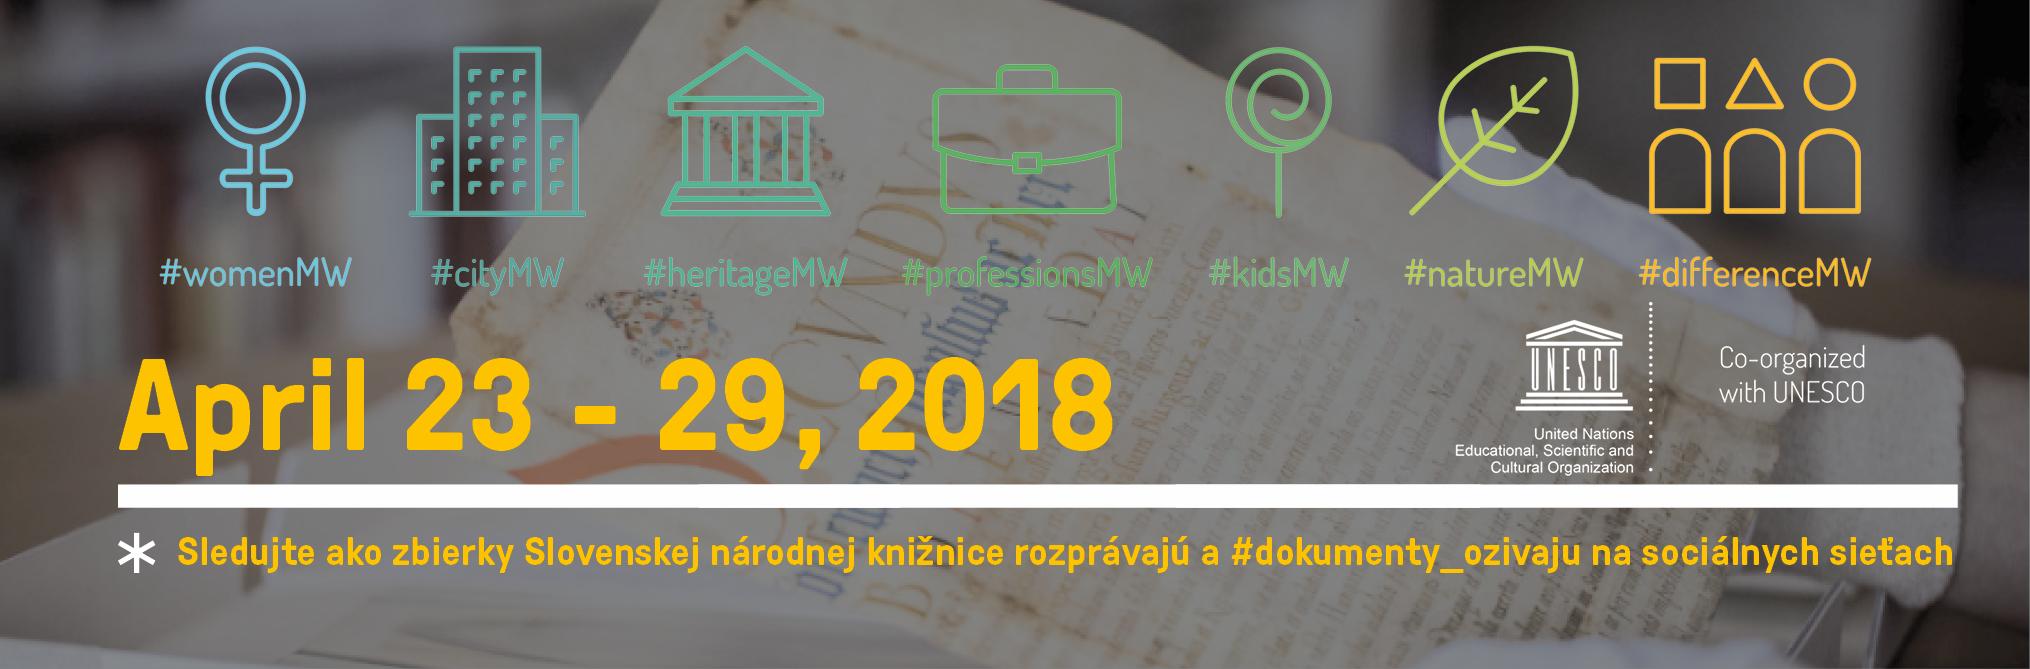 Slovenská národná knižnica - MuseumWeek 2018 alebo, keď zbierky rozprávajú